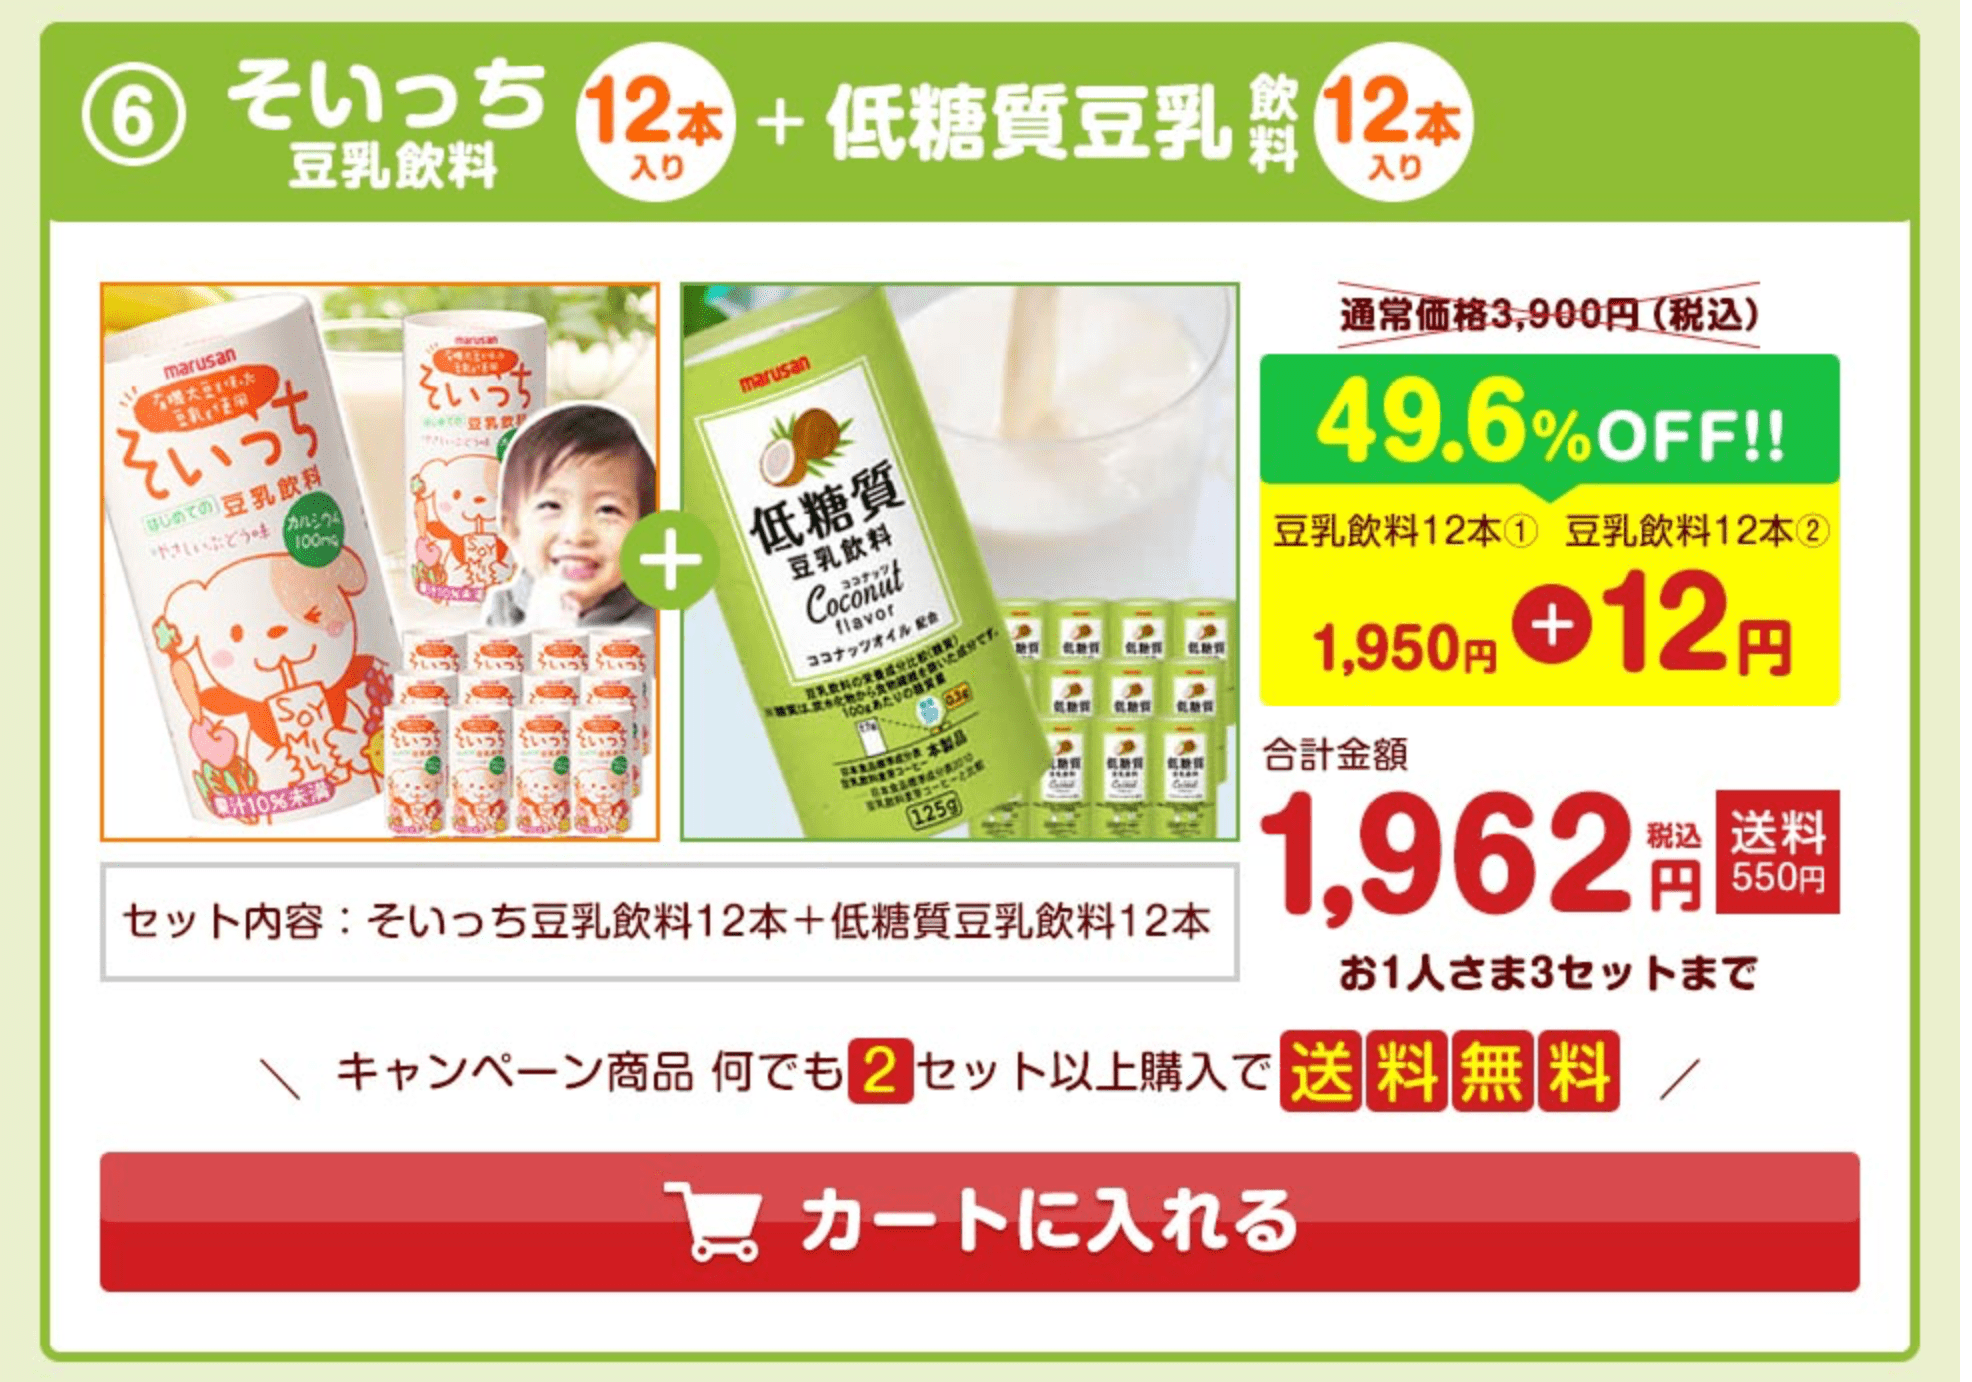 豆乳の日キャンペーン